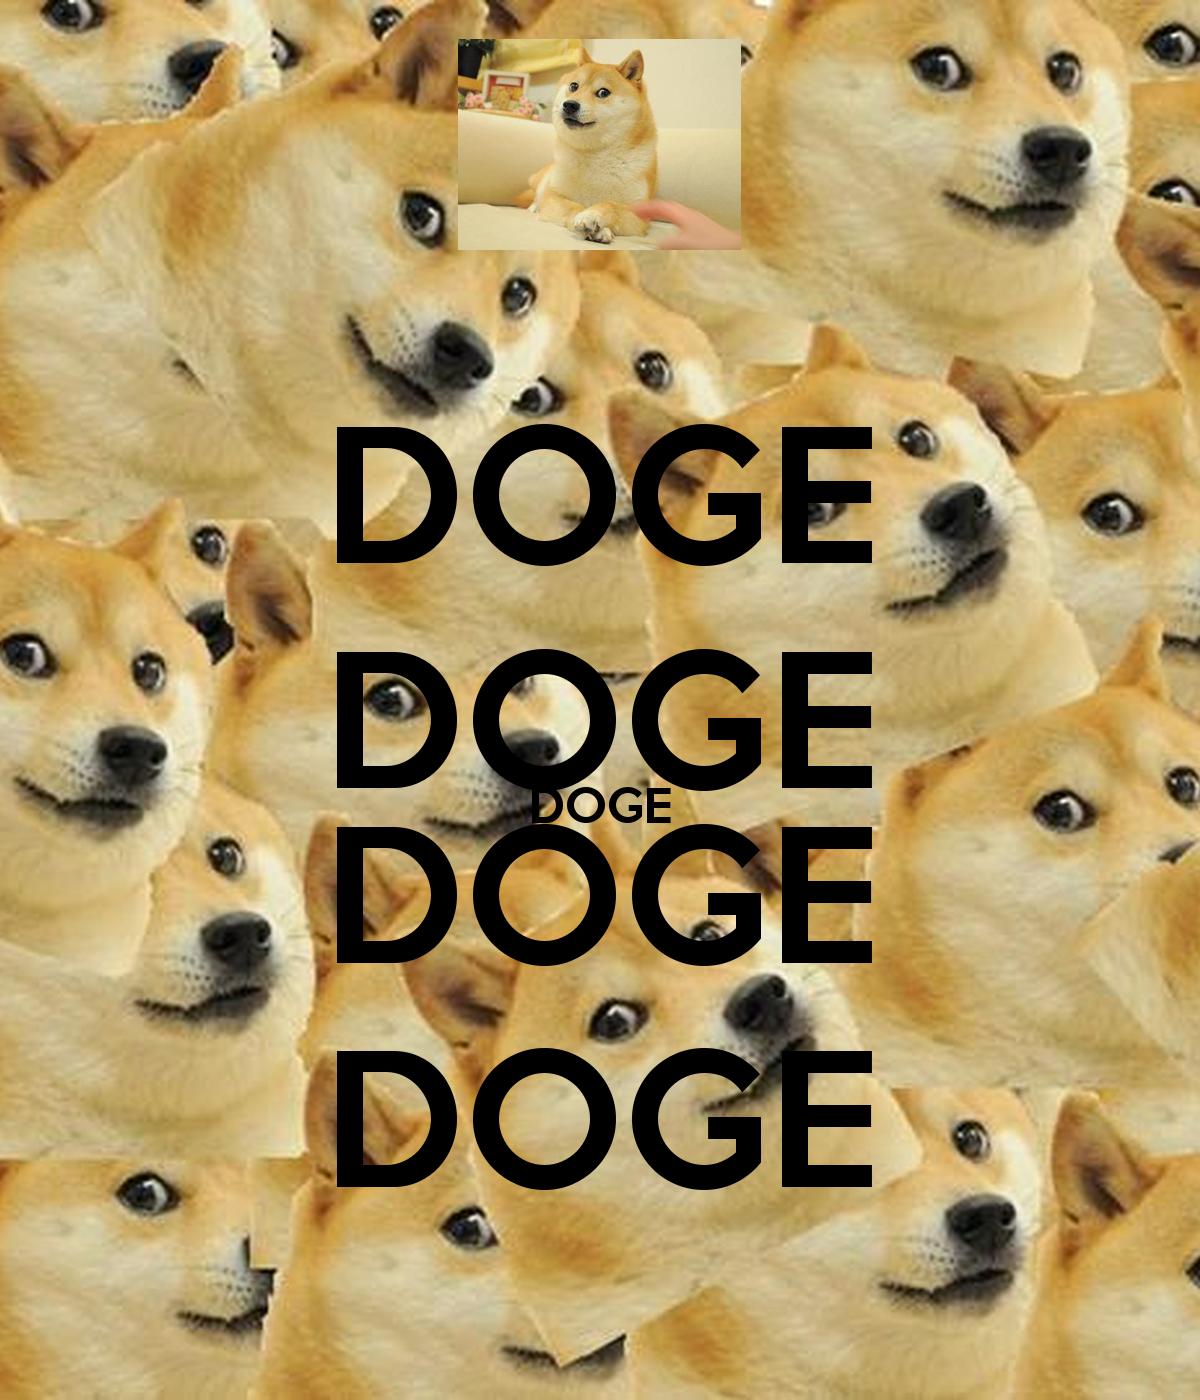 doge doge doge doge doge 2png 1200x1400